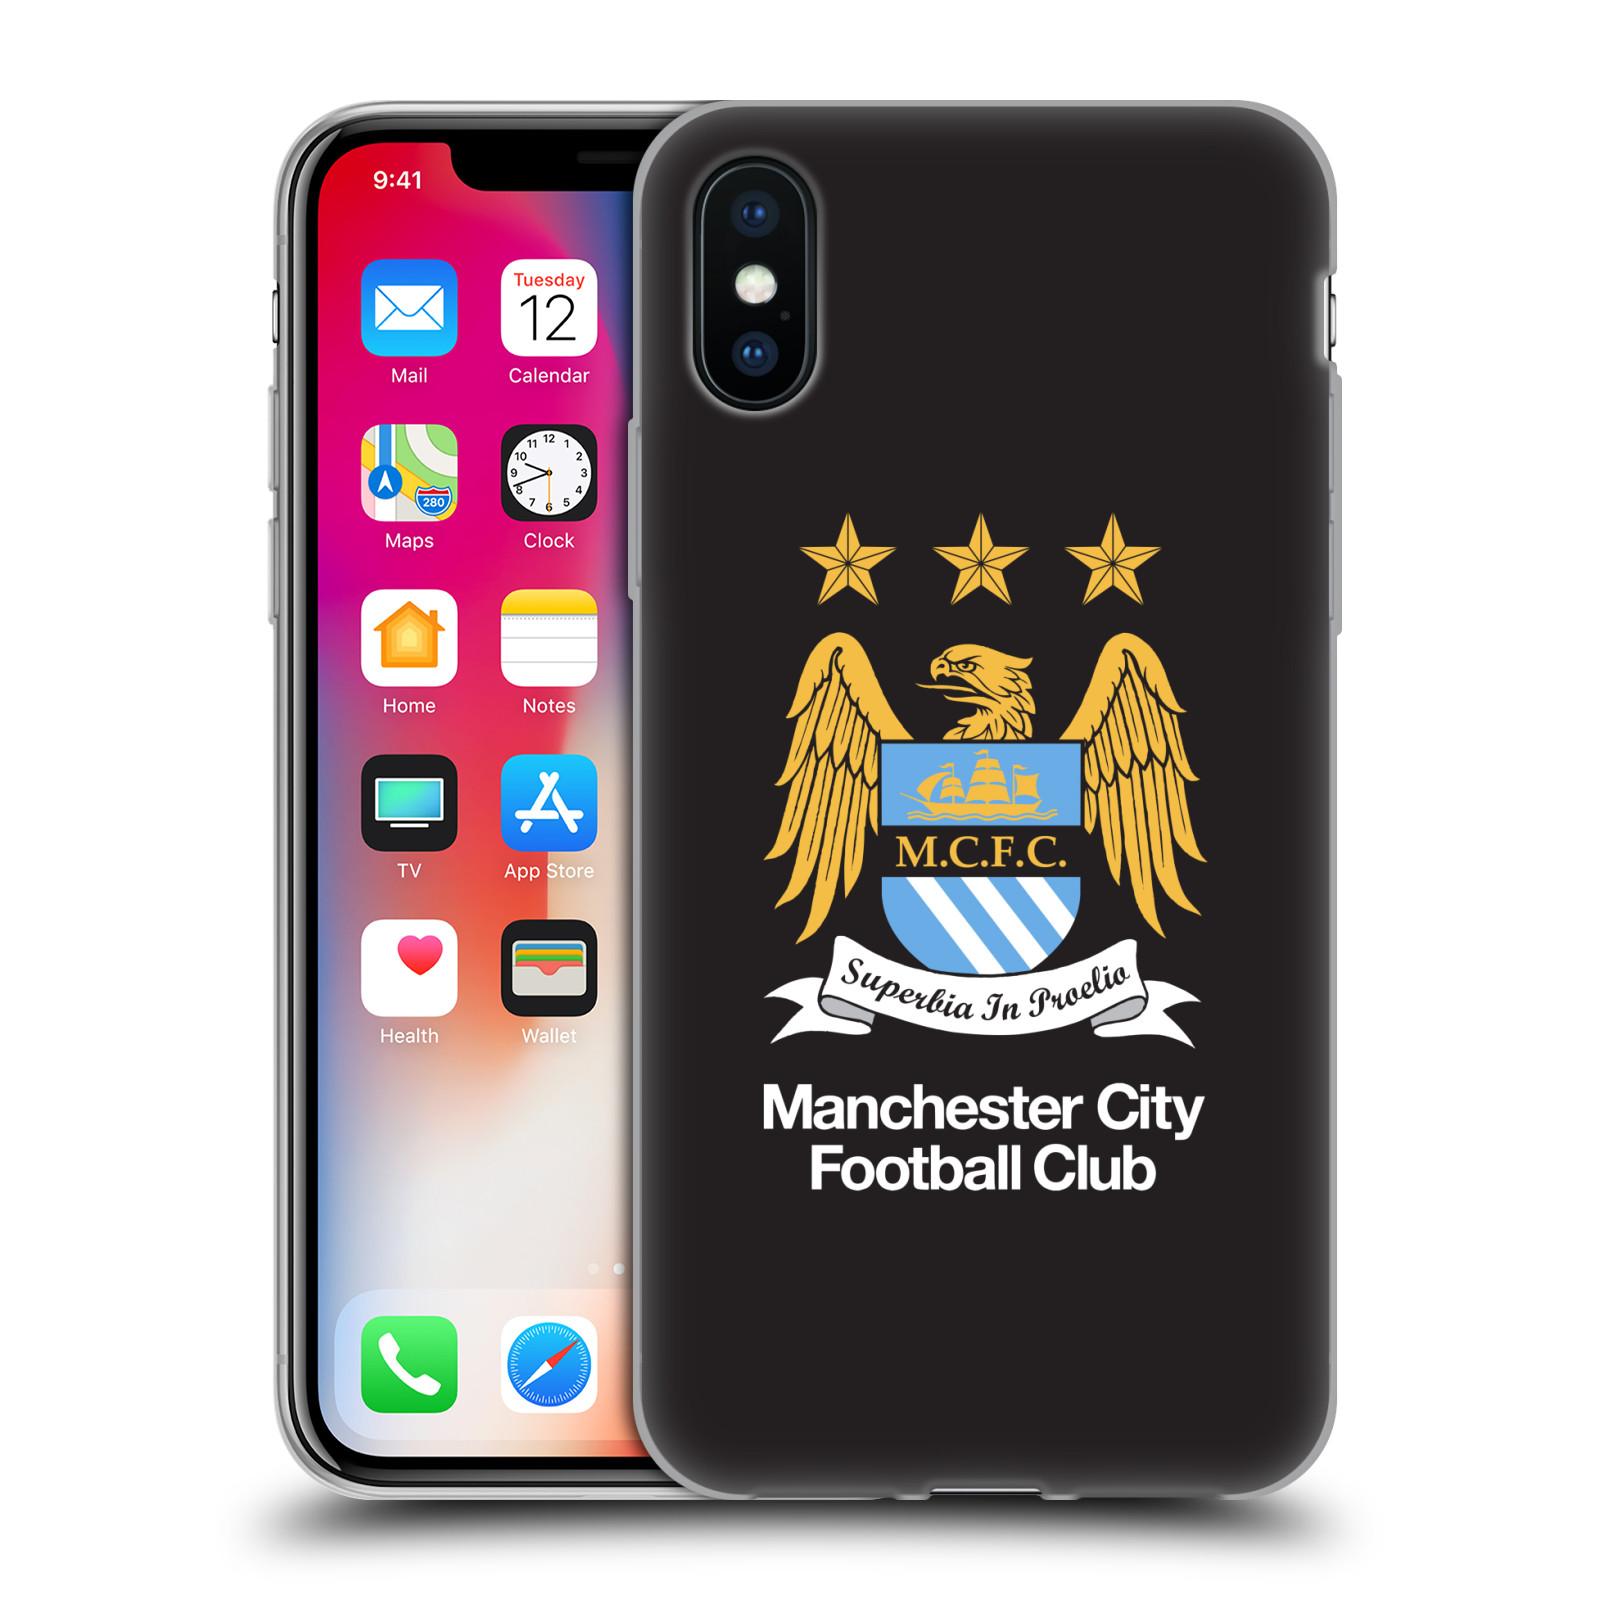 HEAD CASE silikonový obal na mobil Apple Iphone X Fotbalový klub Manchester City černé pozadí velký znak